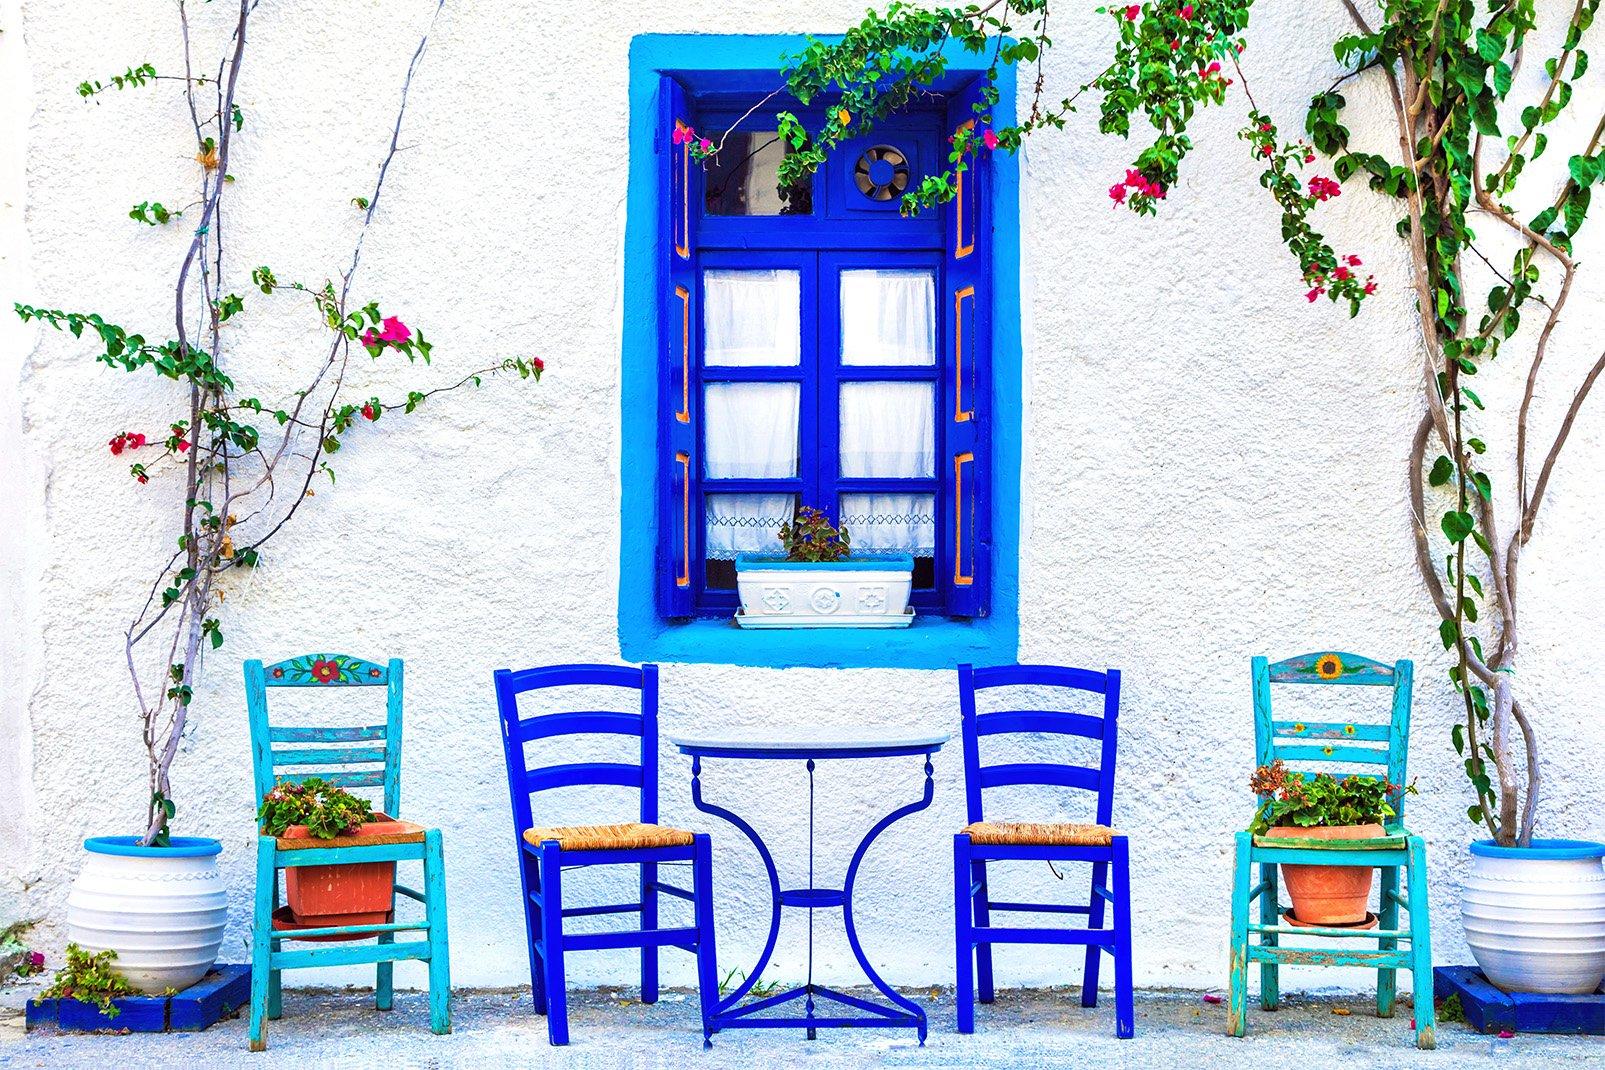 Grèce, Beau paysage de Crète